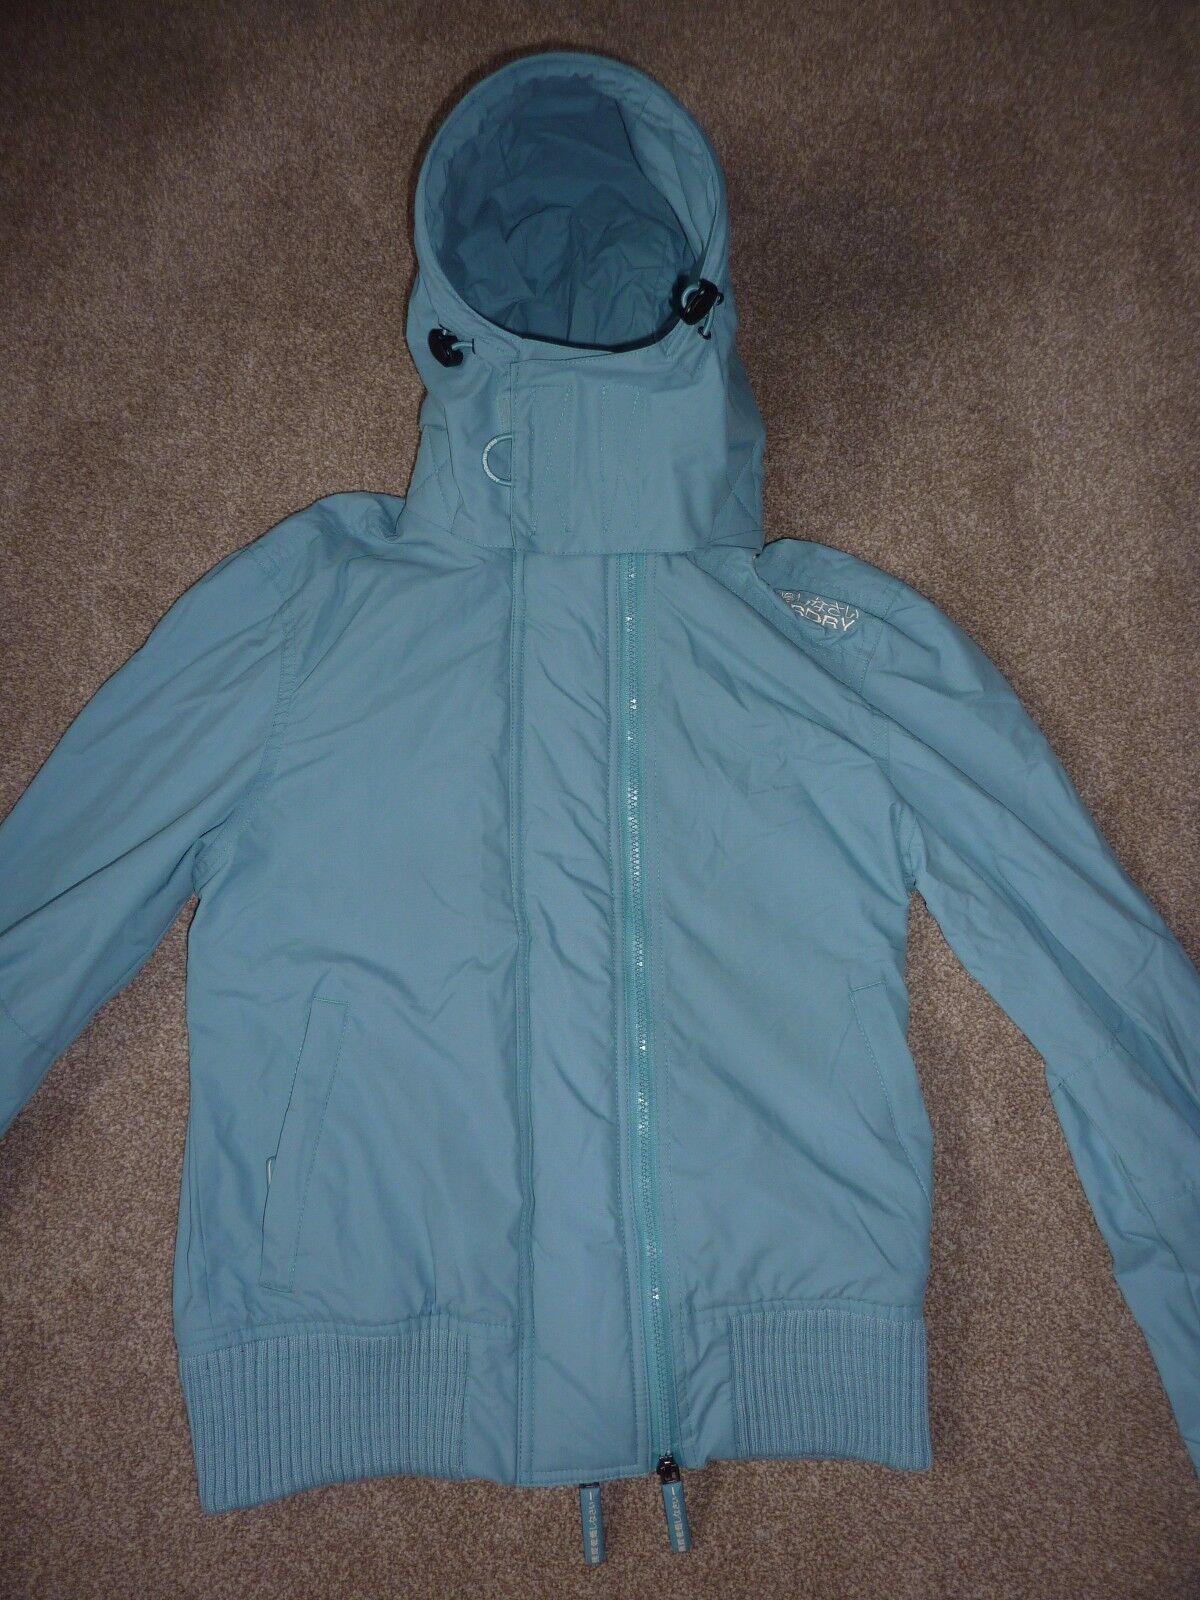 Superdry the windbomber turquoise bluee coat, anorak. Size M medium